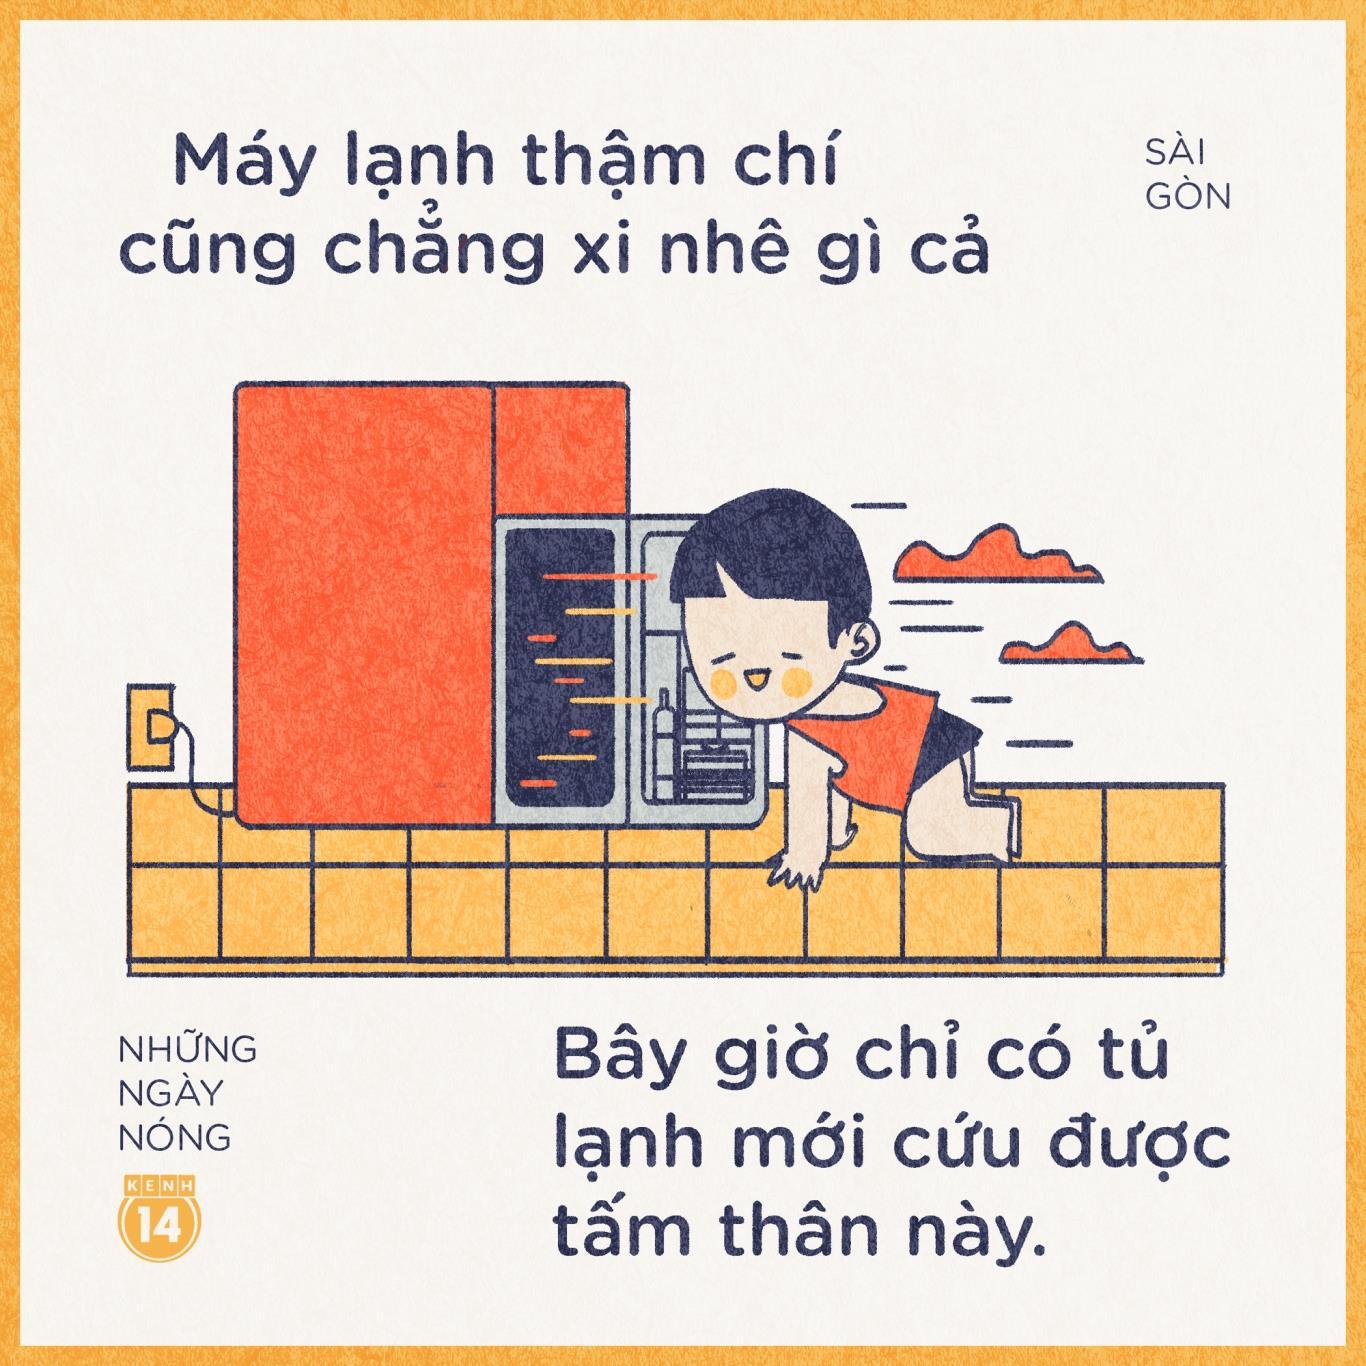 Ngày thường mở máy lạnh 20 độ thôi là đã muốn đóng băng, vậy mà đến tầm này máy lạnh cũng chả còn nghĩa lí gì nữa. Chân ái bây giờ nằm ở chiếc tủ lạnh. Ở đâu có tủ lạnh, ở đó là nhà!